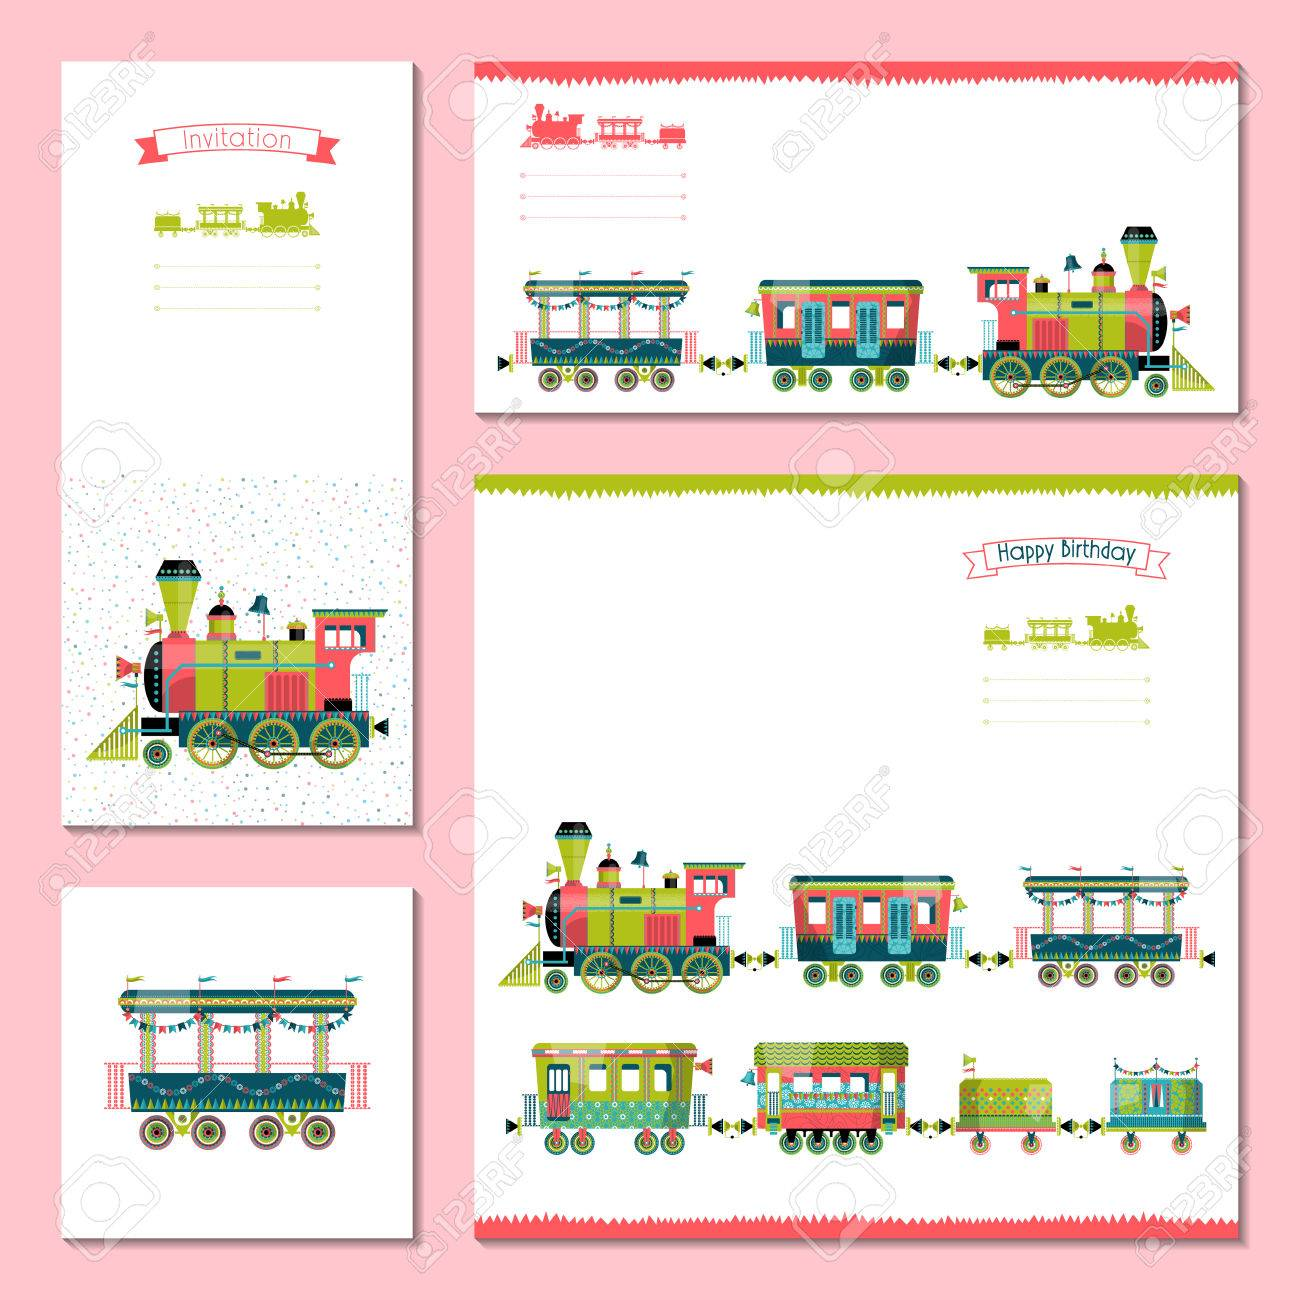 4 Tarjetas Universales Con Tren De Juguete Modelo Cumpleaños Aniversario Fiesta De Los Niños Invitación Evento Especial Ilustración Vectorial